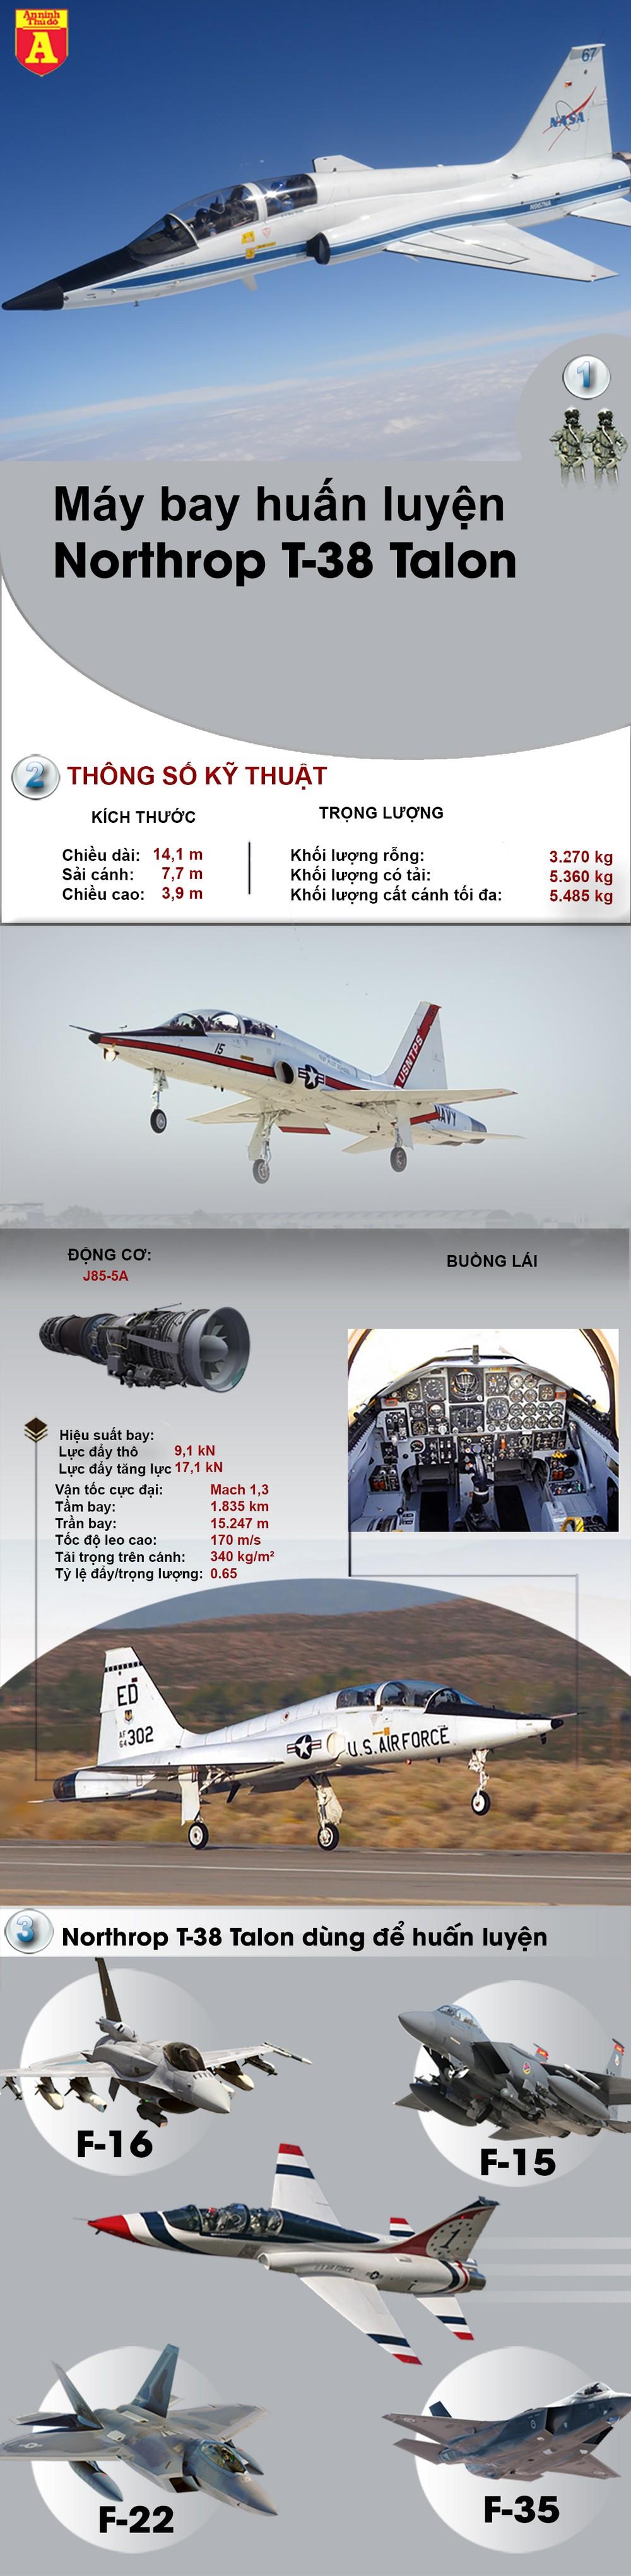 [Info] Máy bay huấn luyện con cưng liên tục lao đất, báo động đỏ cho Mỹ ảnh 2